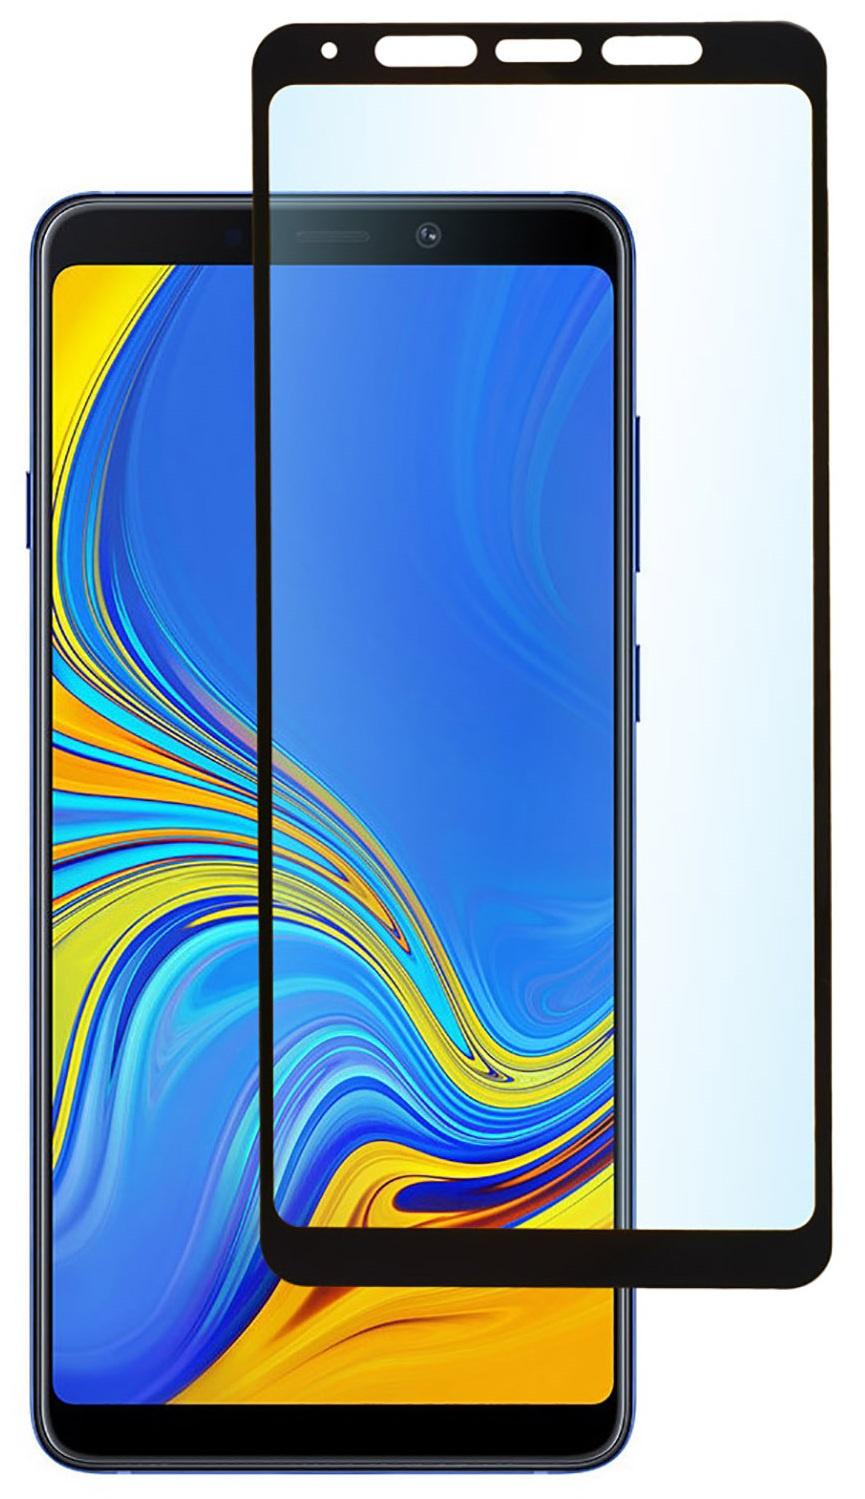 Защитное стекло skinBOX SP-996 защитное стекло skinbox для samsung galaxy j4 4660041405392 черный